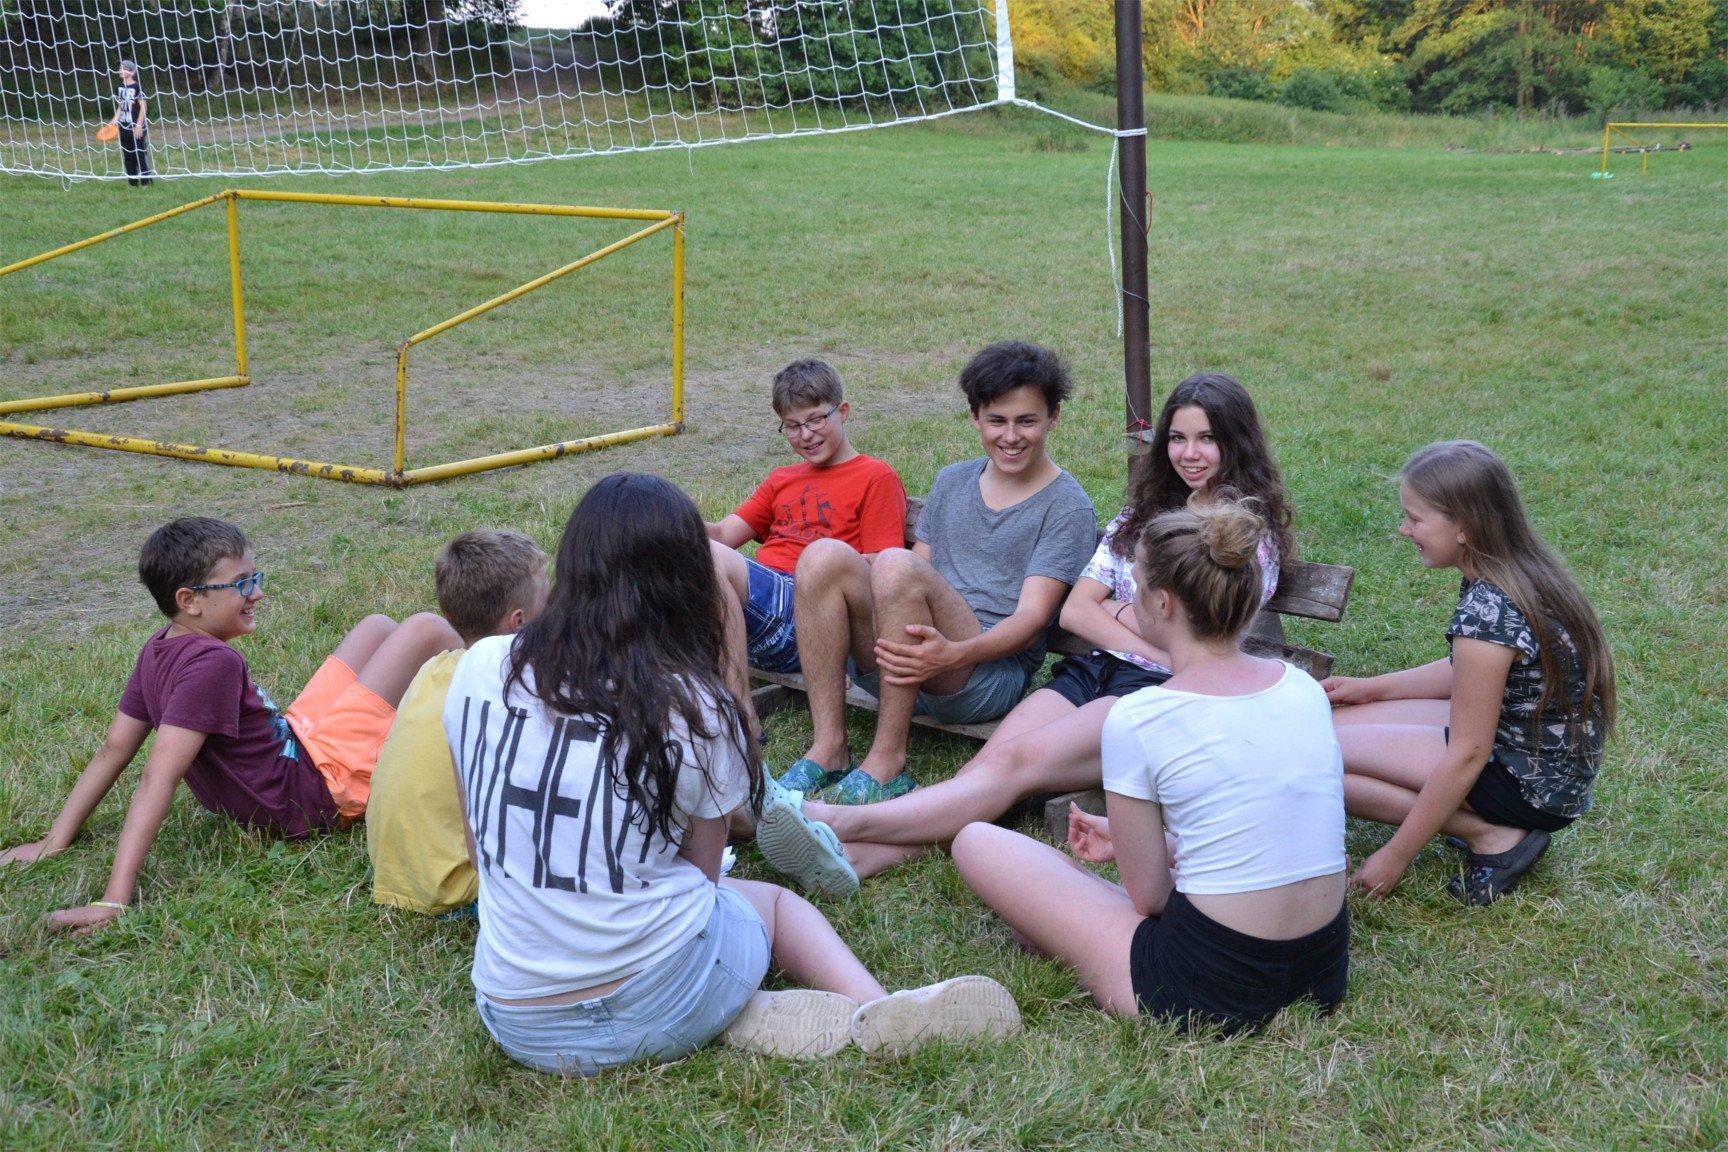 Rodilý mluvčí hovoří se skupinkou starších dětí na letní táborě s angličtnou a příběhem